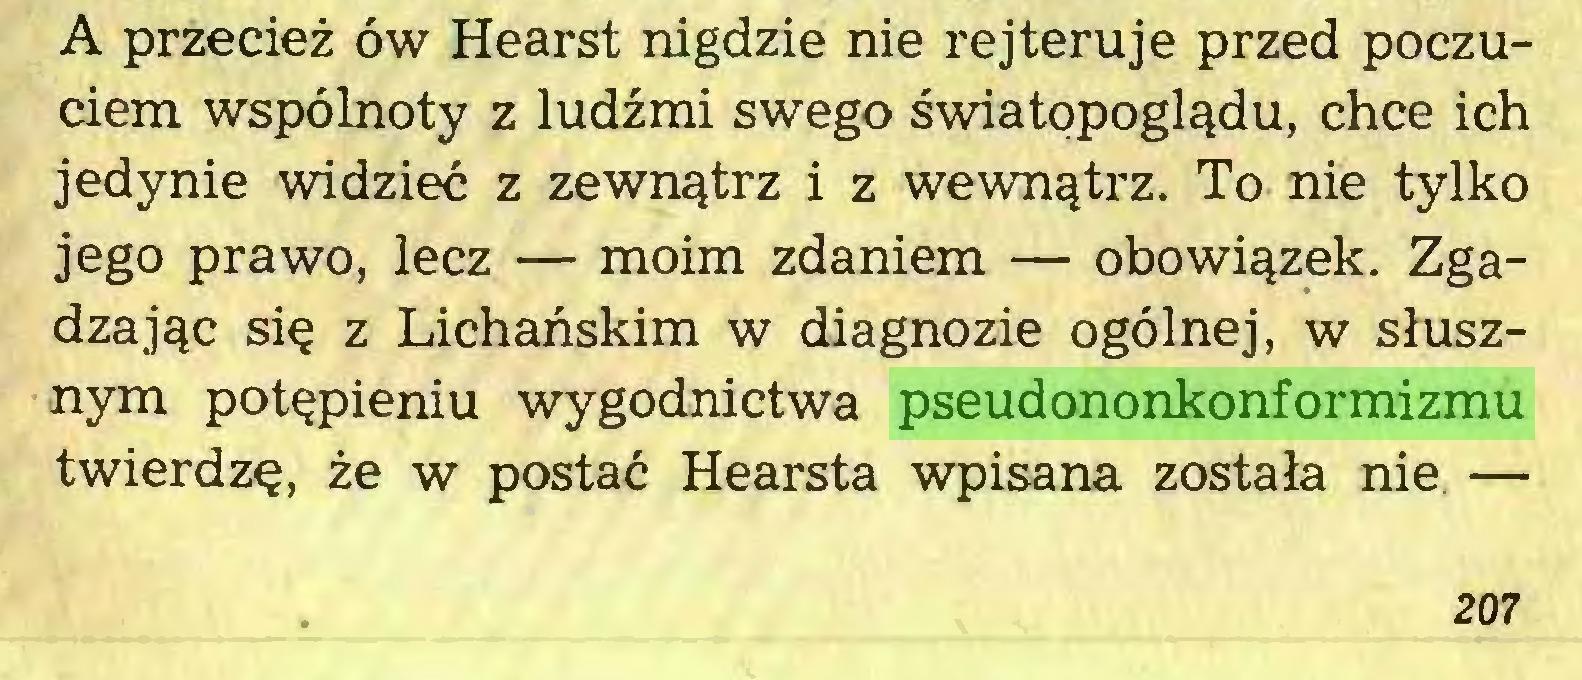 (...) A przecież ów Hearst nigdzie nie rejteruje przed poczuciem wspólnoty z ludźmi swego światopoglądu, chce ich jedynie widzieć z zewnątrz i z wewnątrz. To nie tylko jego prawo, lecz — moim zdaniem — obowiązek. Zgadzając się z Lichańskim w diagnozie ogólnej, w słusznym potępieniu wygodnictwa pseudononkonformizmu twierdzę, że w postać Hearsta wpisana została nie — 207...